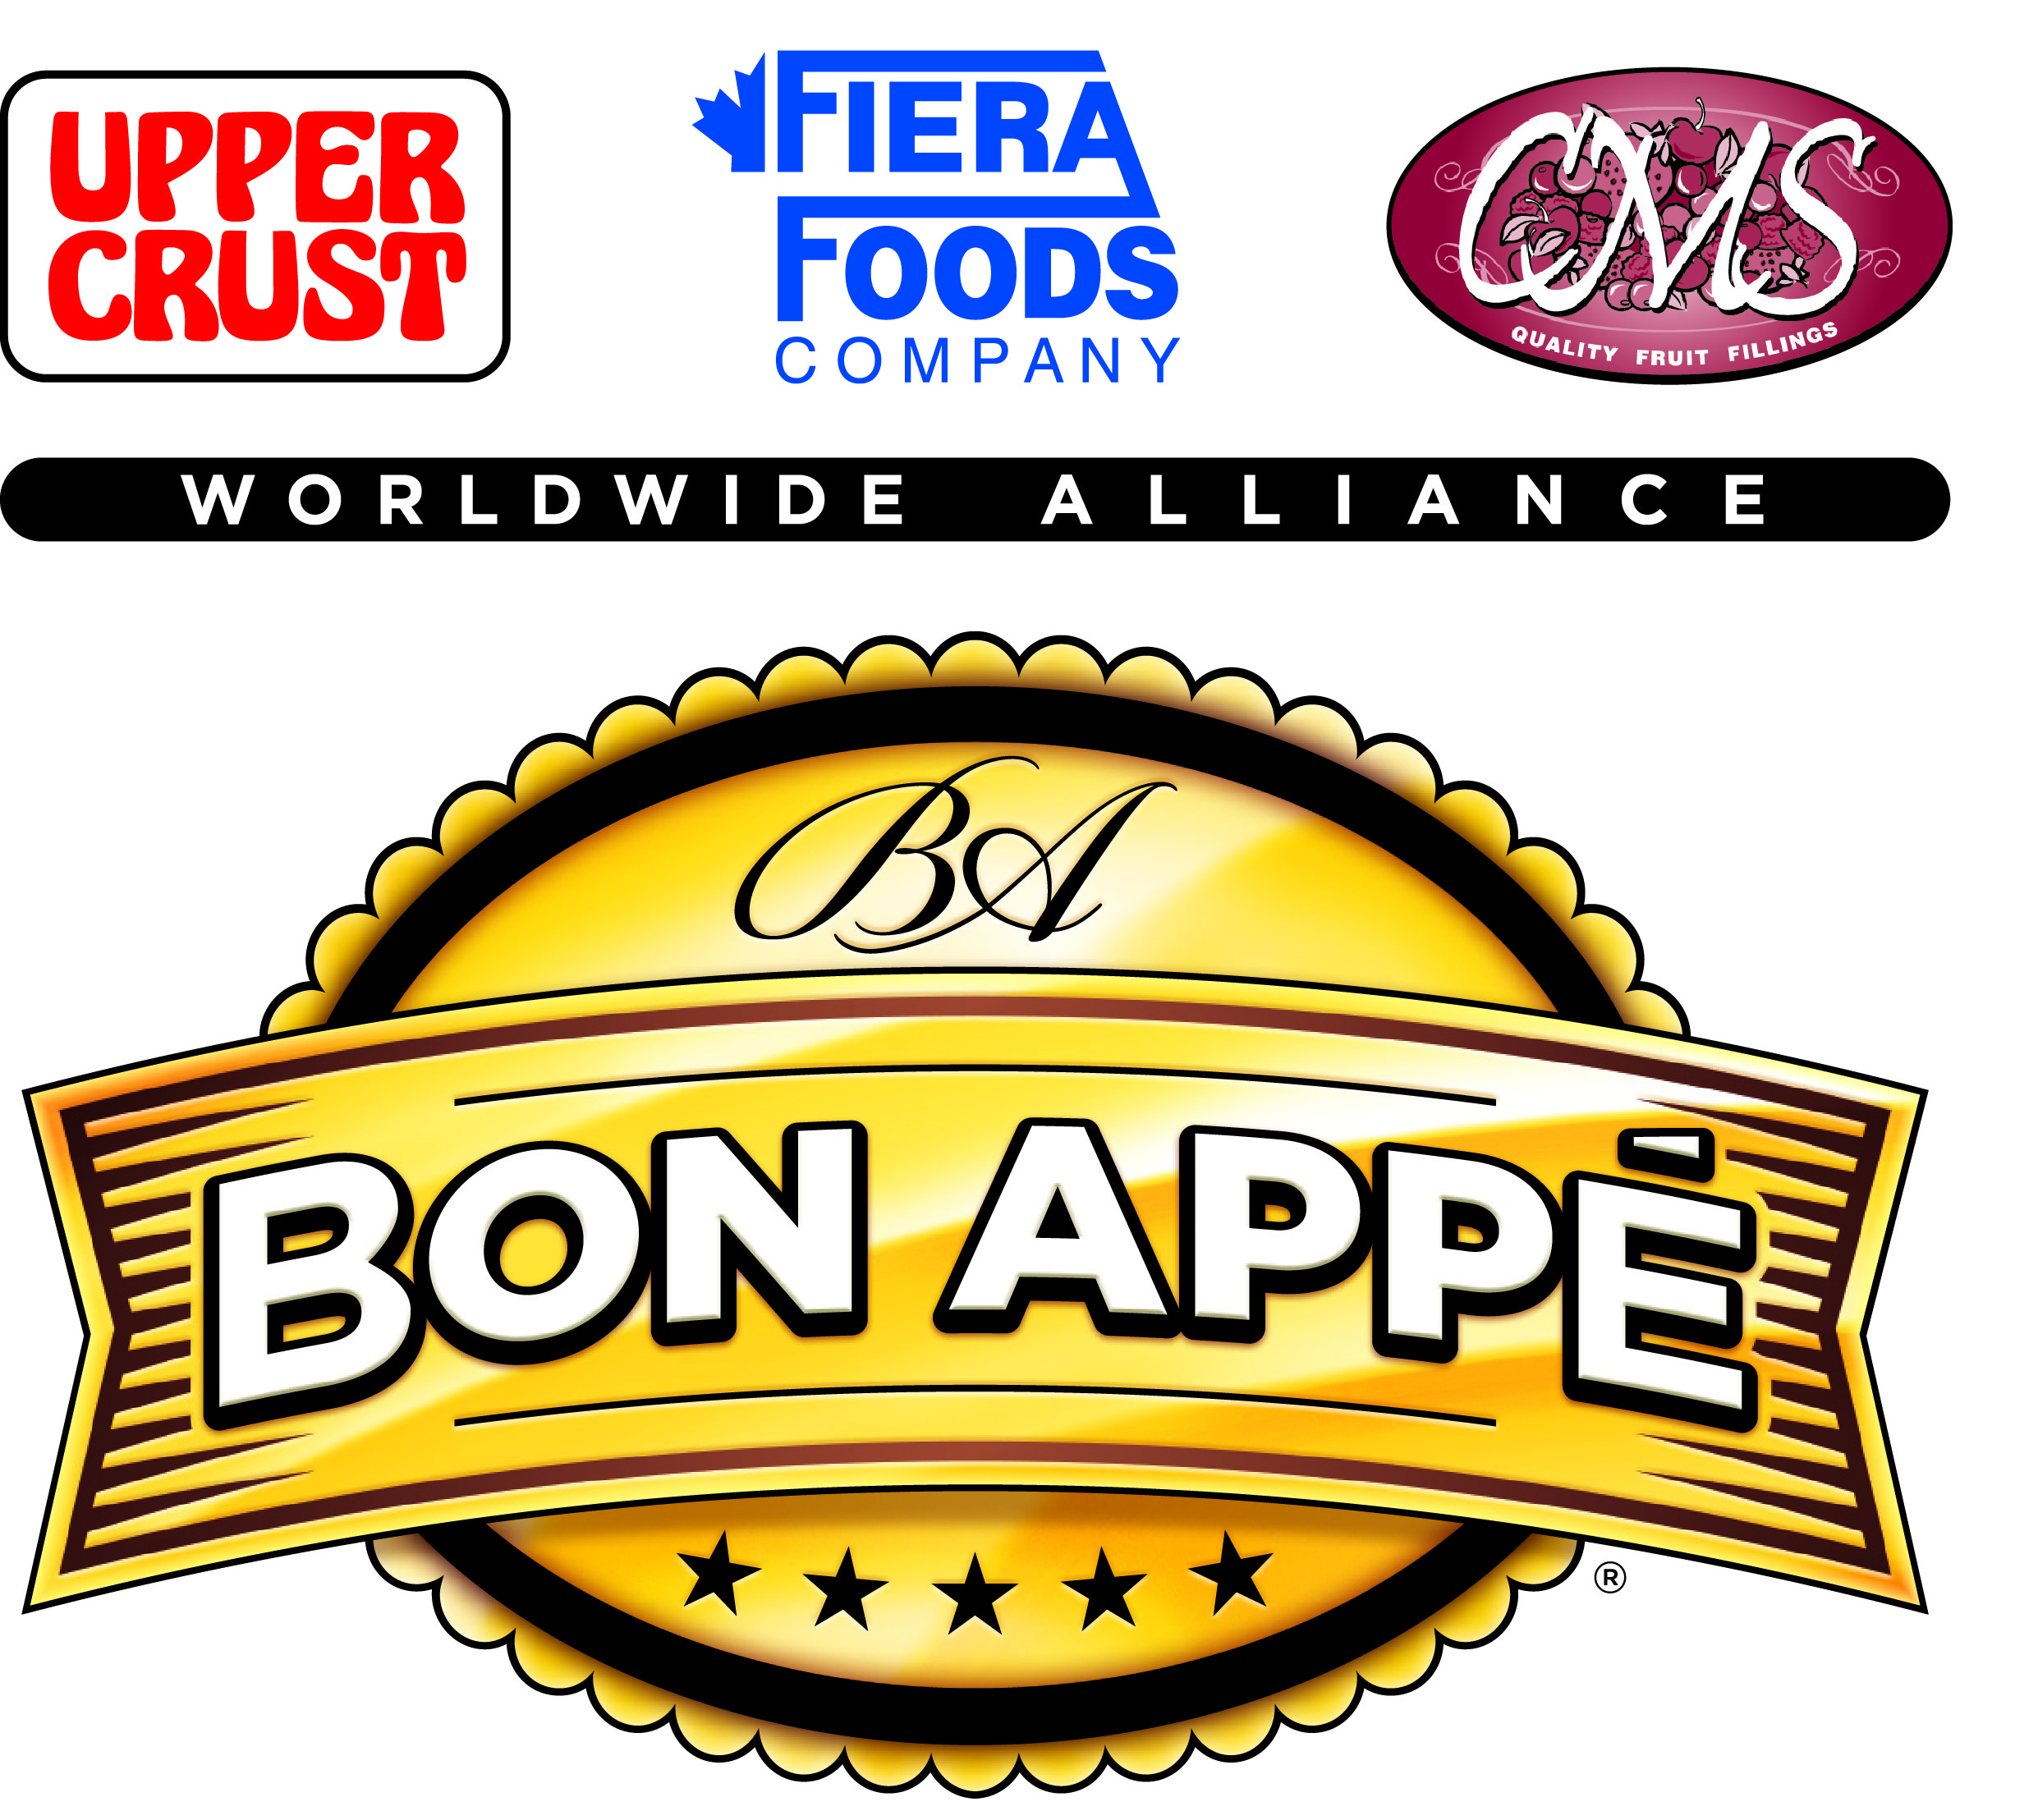 Fiera Foods Company logo